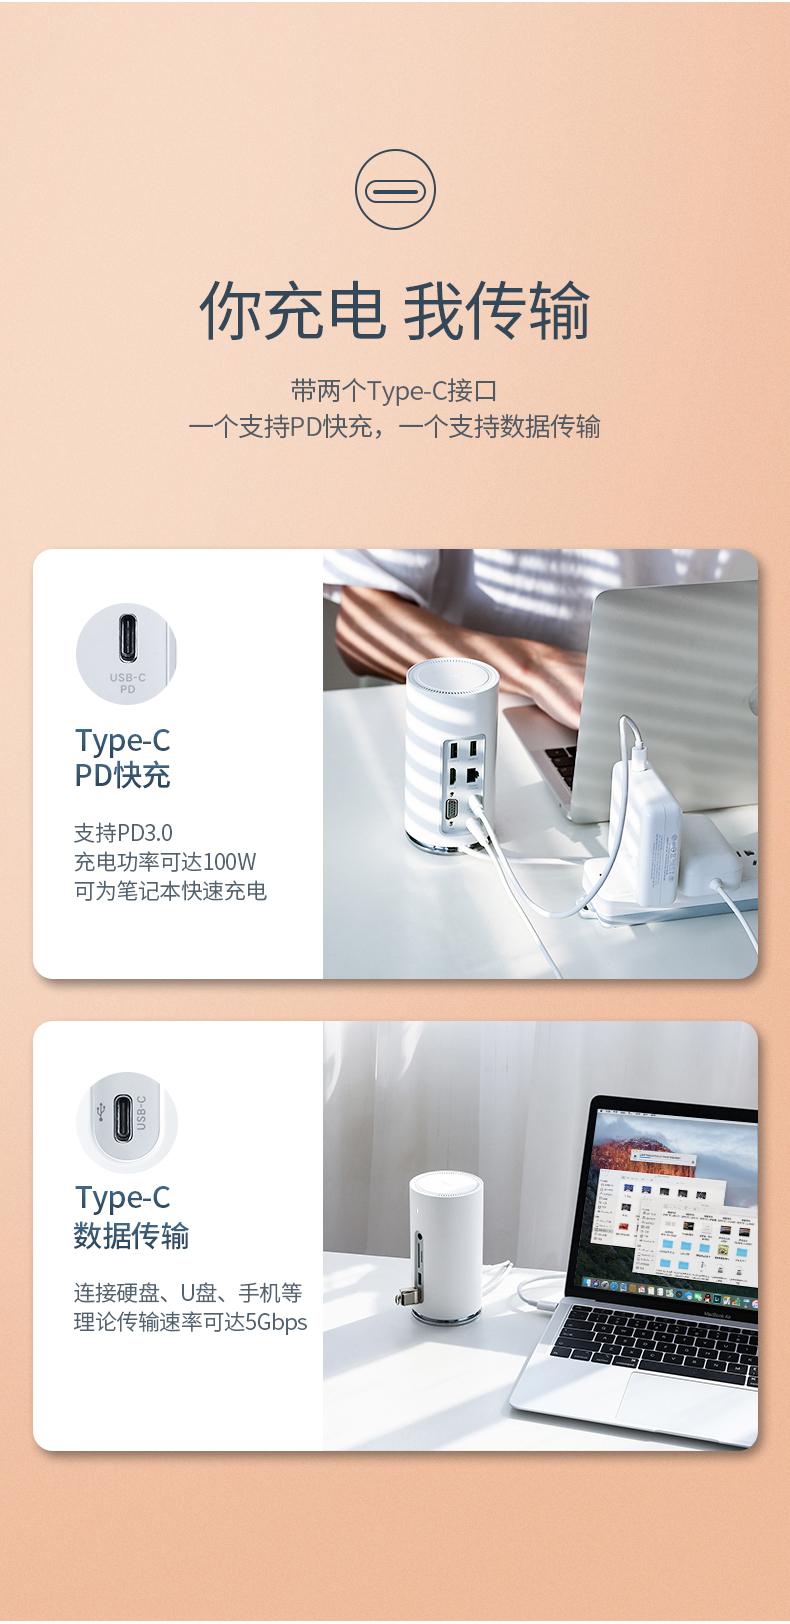 绿联音响概念款USB-C扩展坞